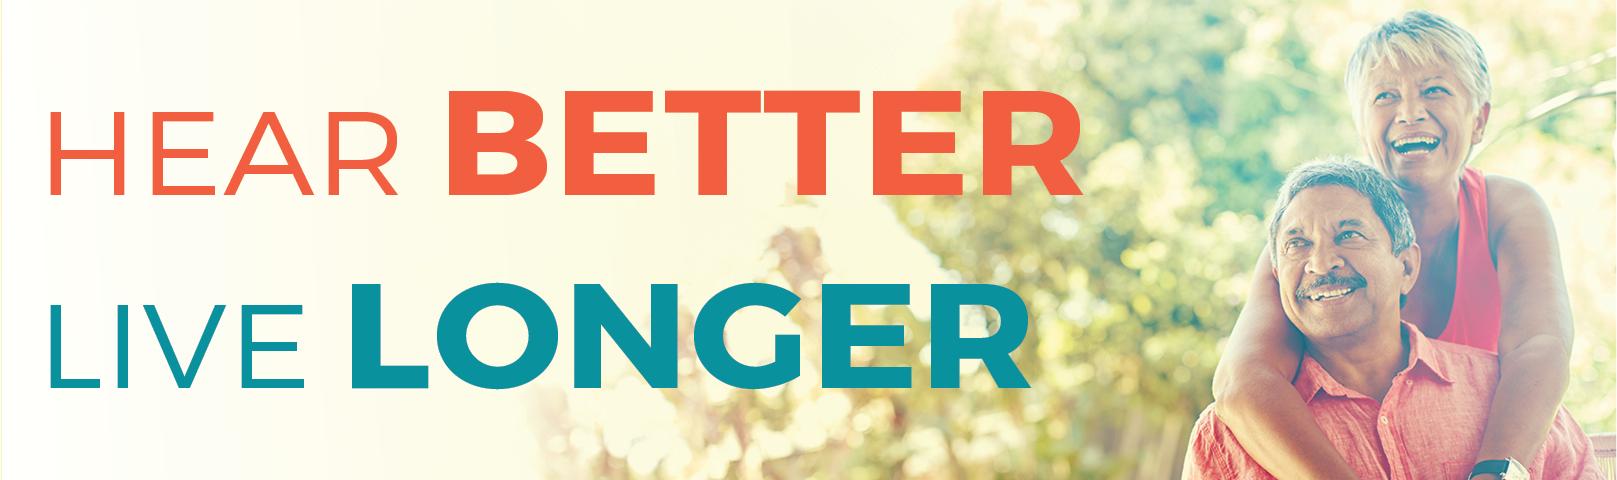 Hear Better Live Longer